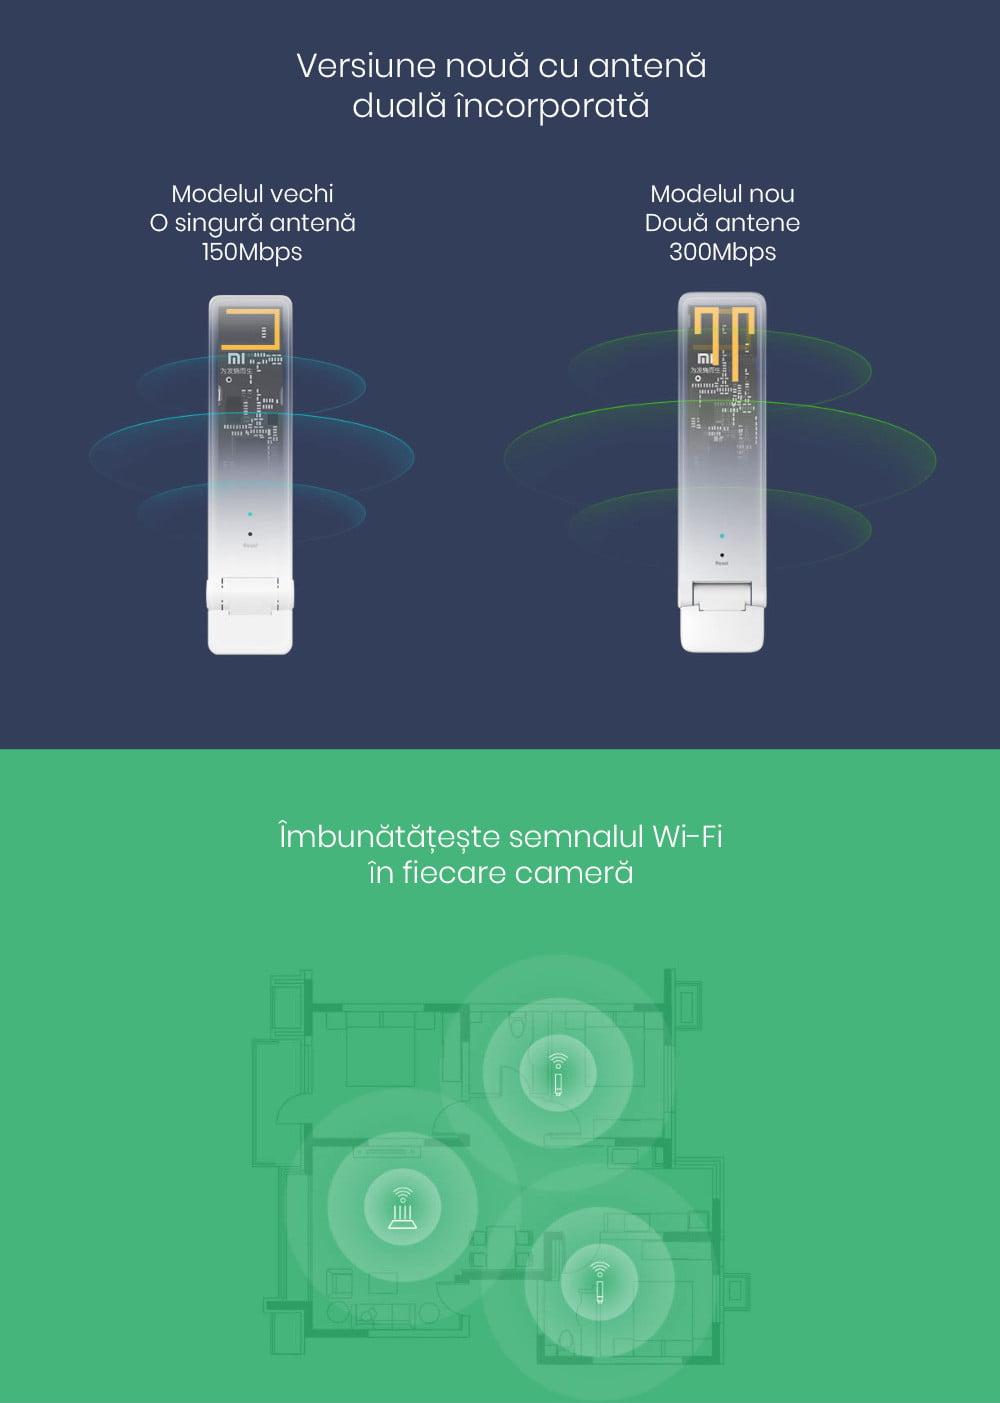 Repeater Wi-Fi Xiaomi Mi 2, 300Mbps, USB 10